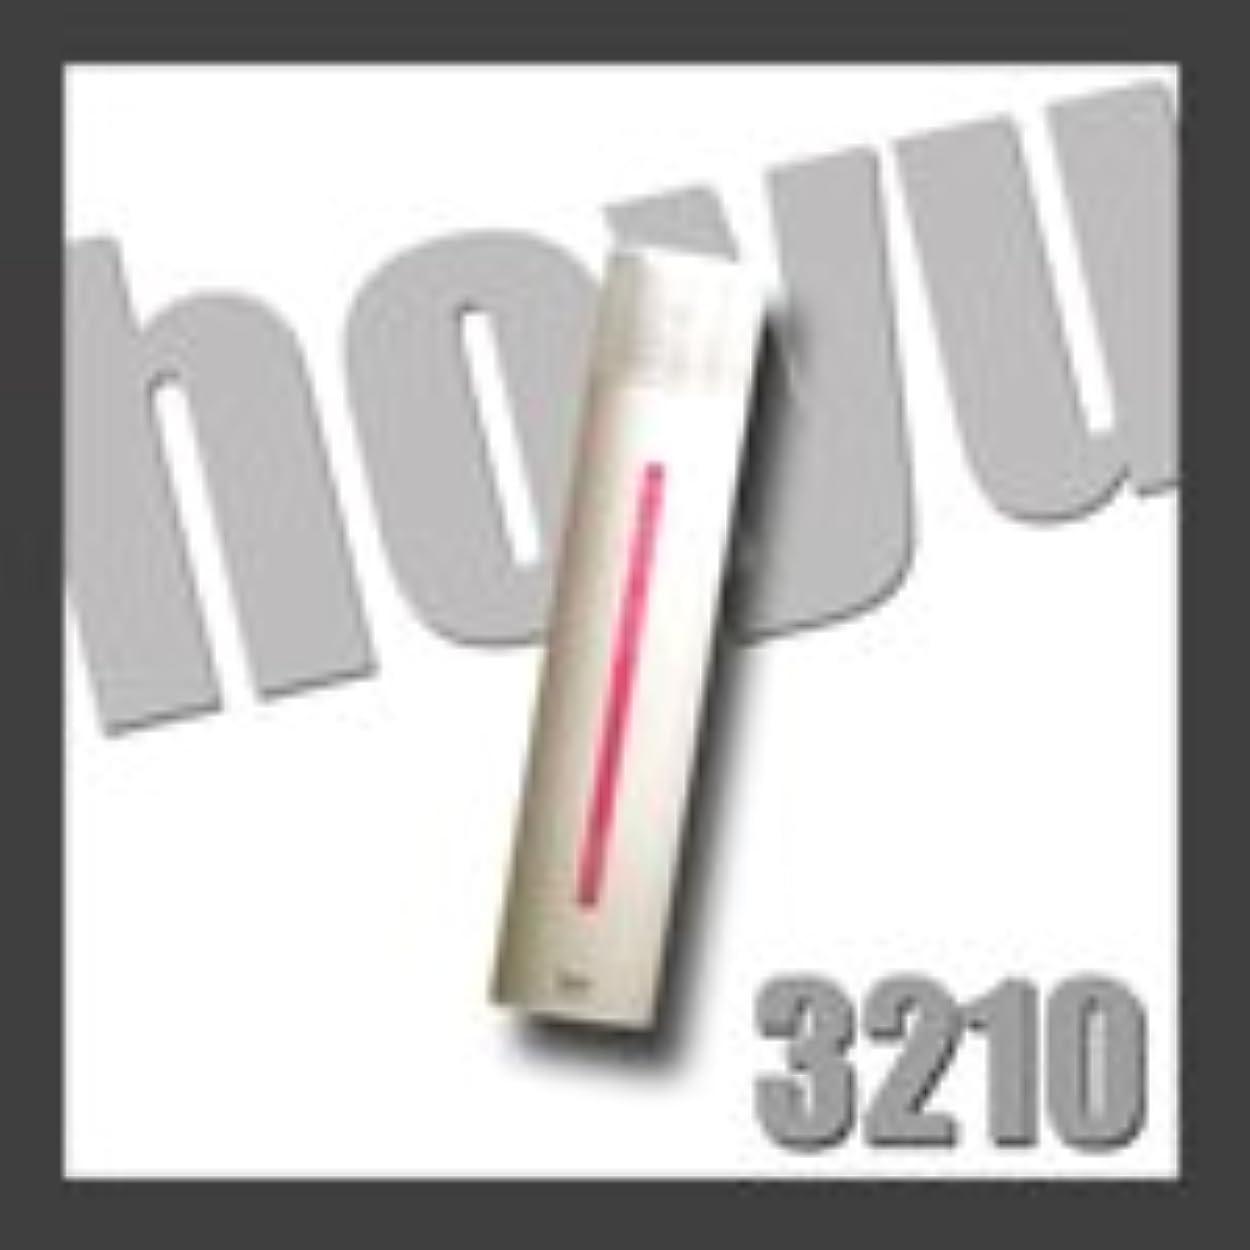 地下鉄応じる慣性HOYU ホーユー 3210 ミニーレ スプリール スタイリングスプレー HF ハードフィックス 180g